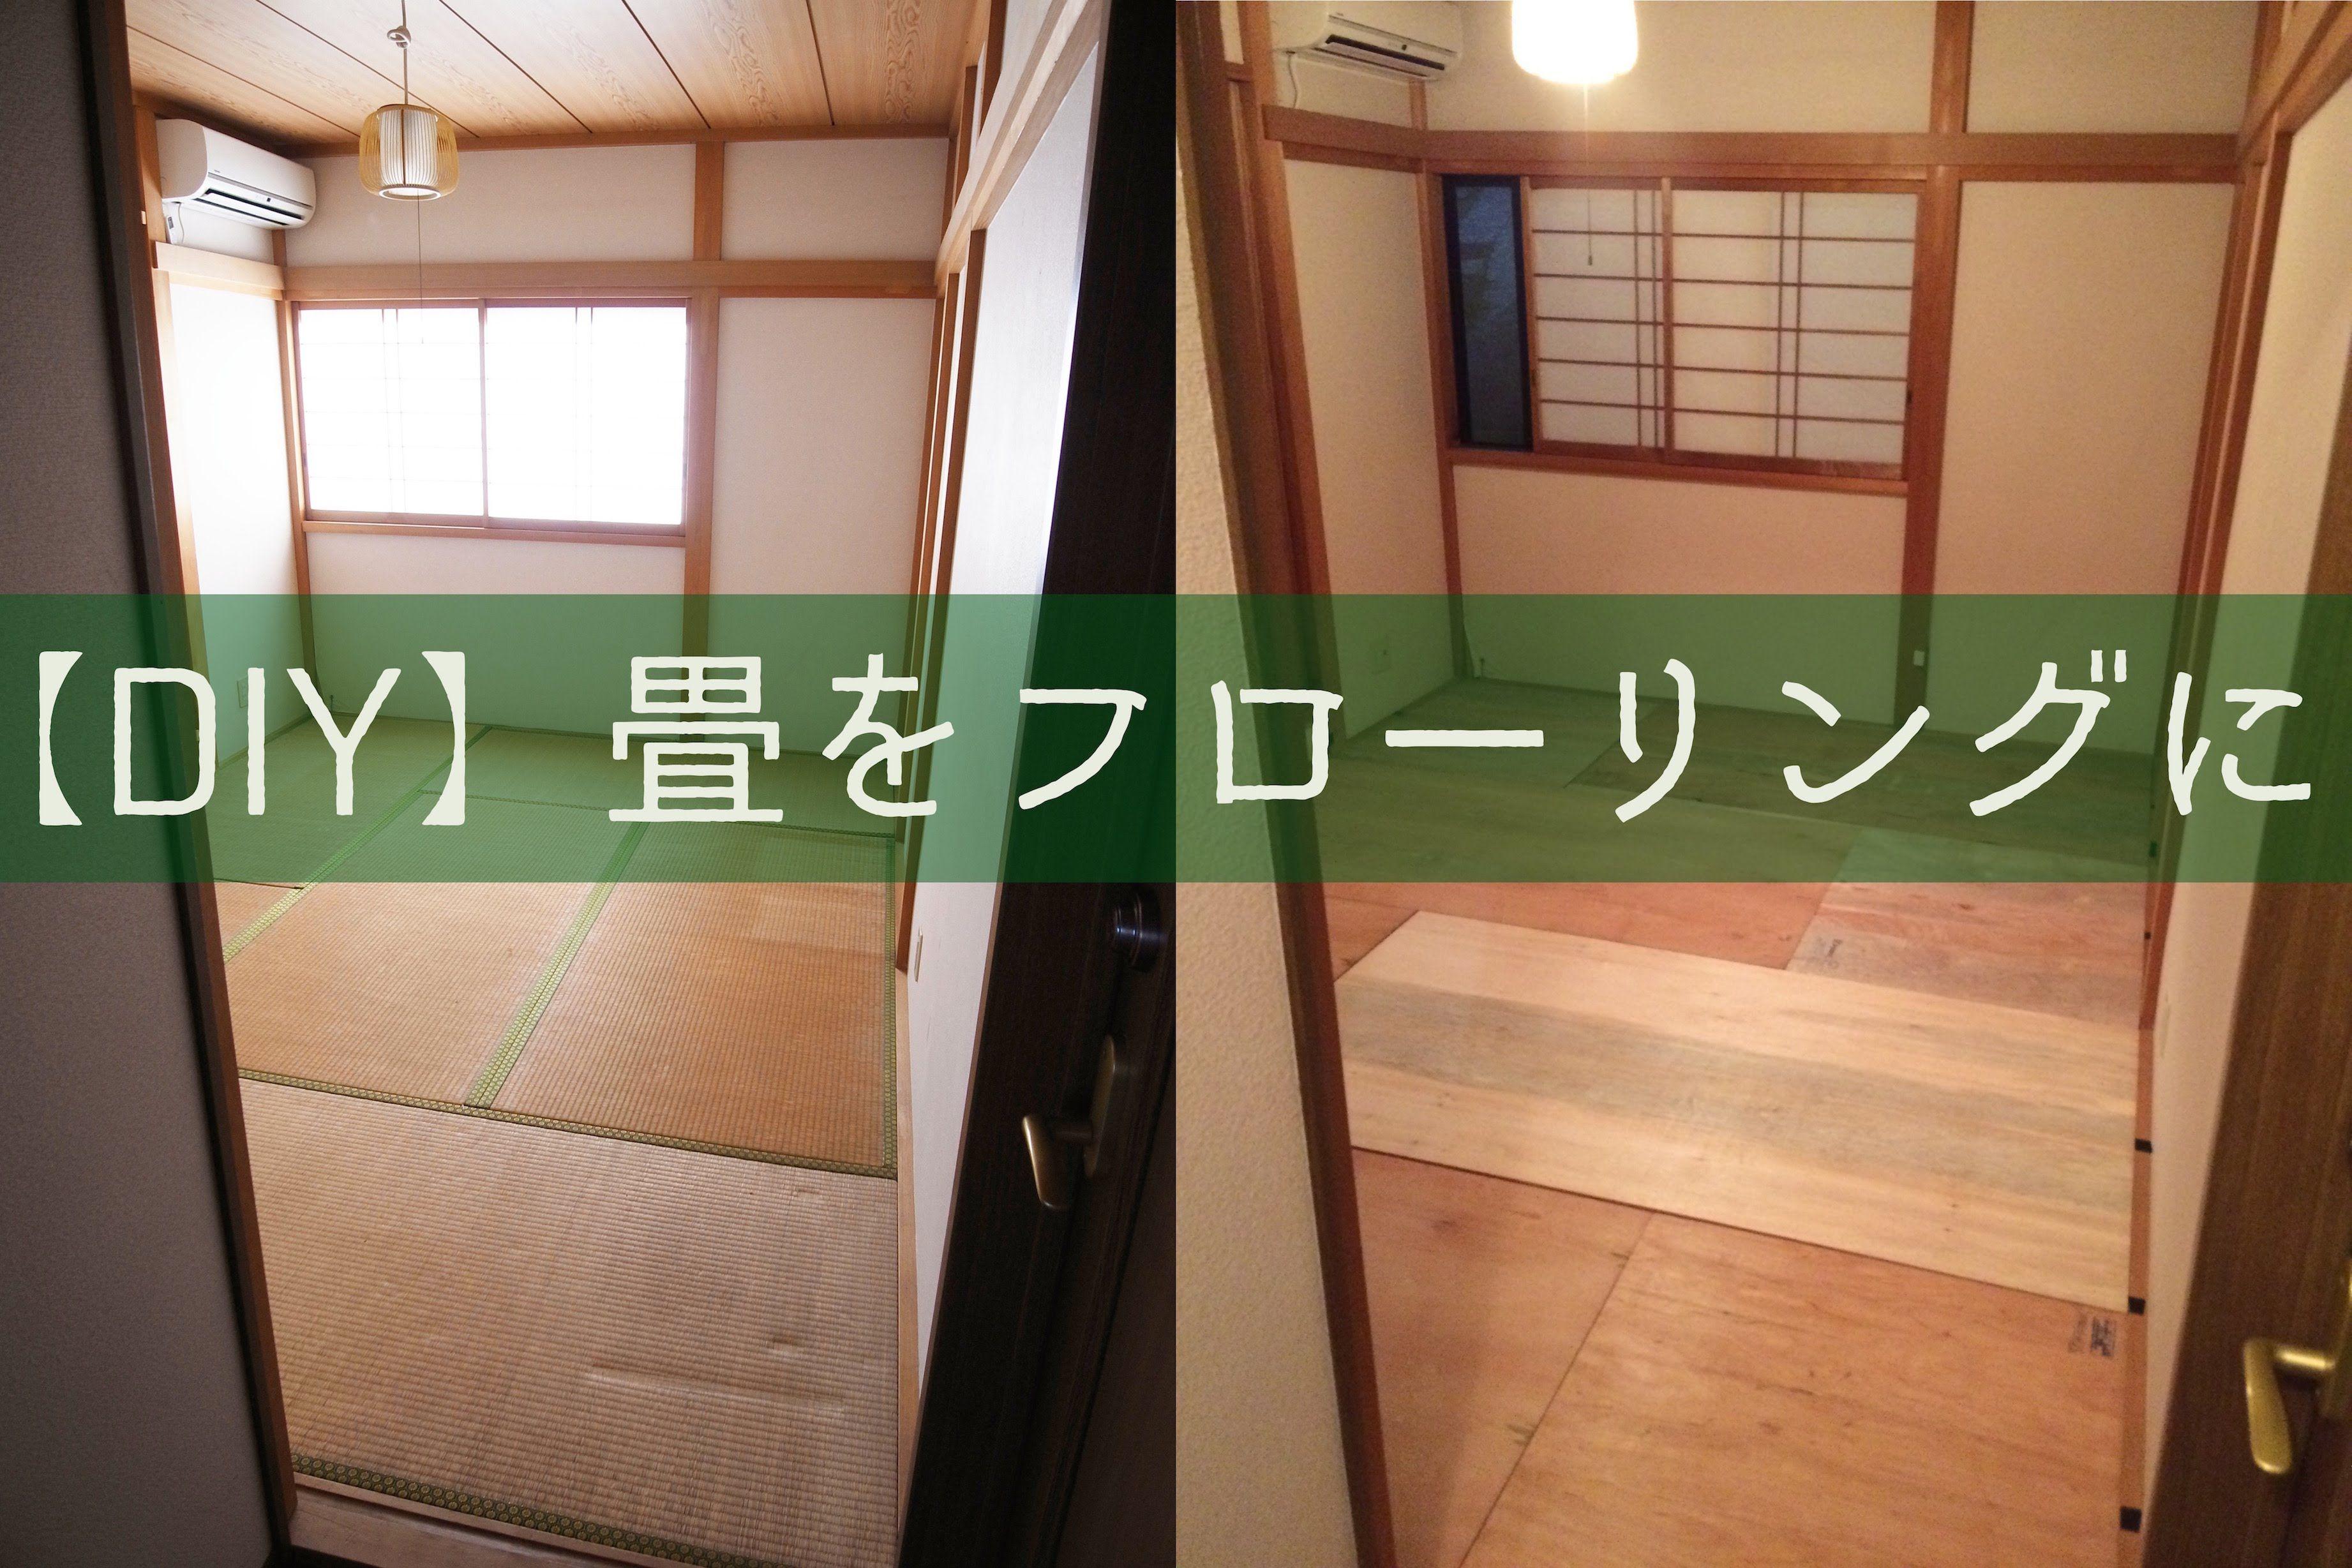 Diy 畳をフローリングにしました Part1 Replacing Tatami Floor